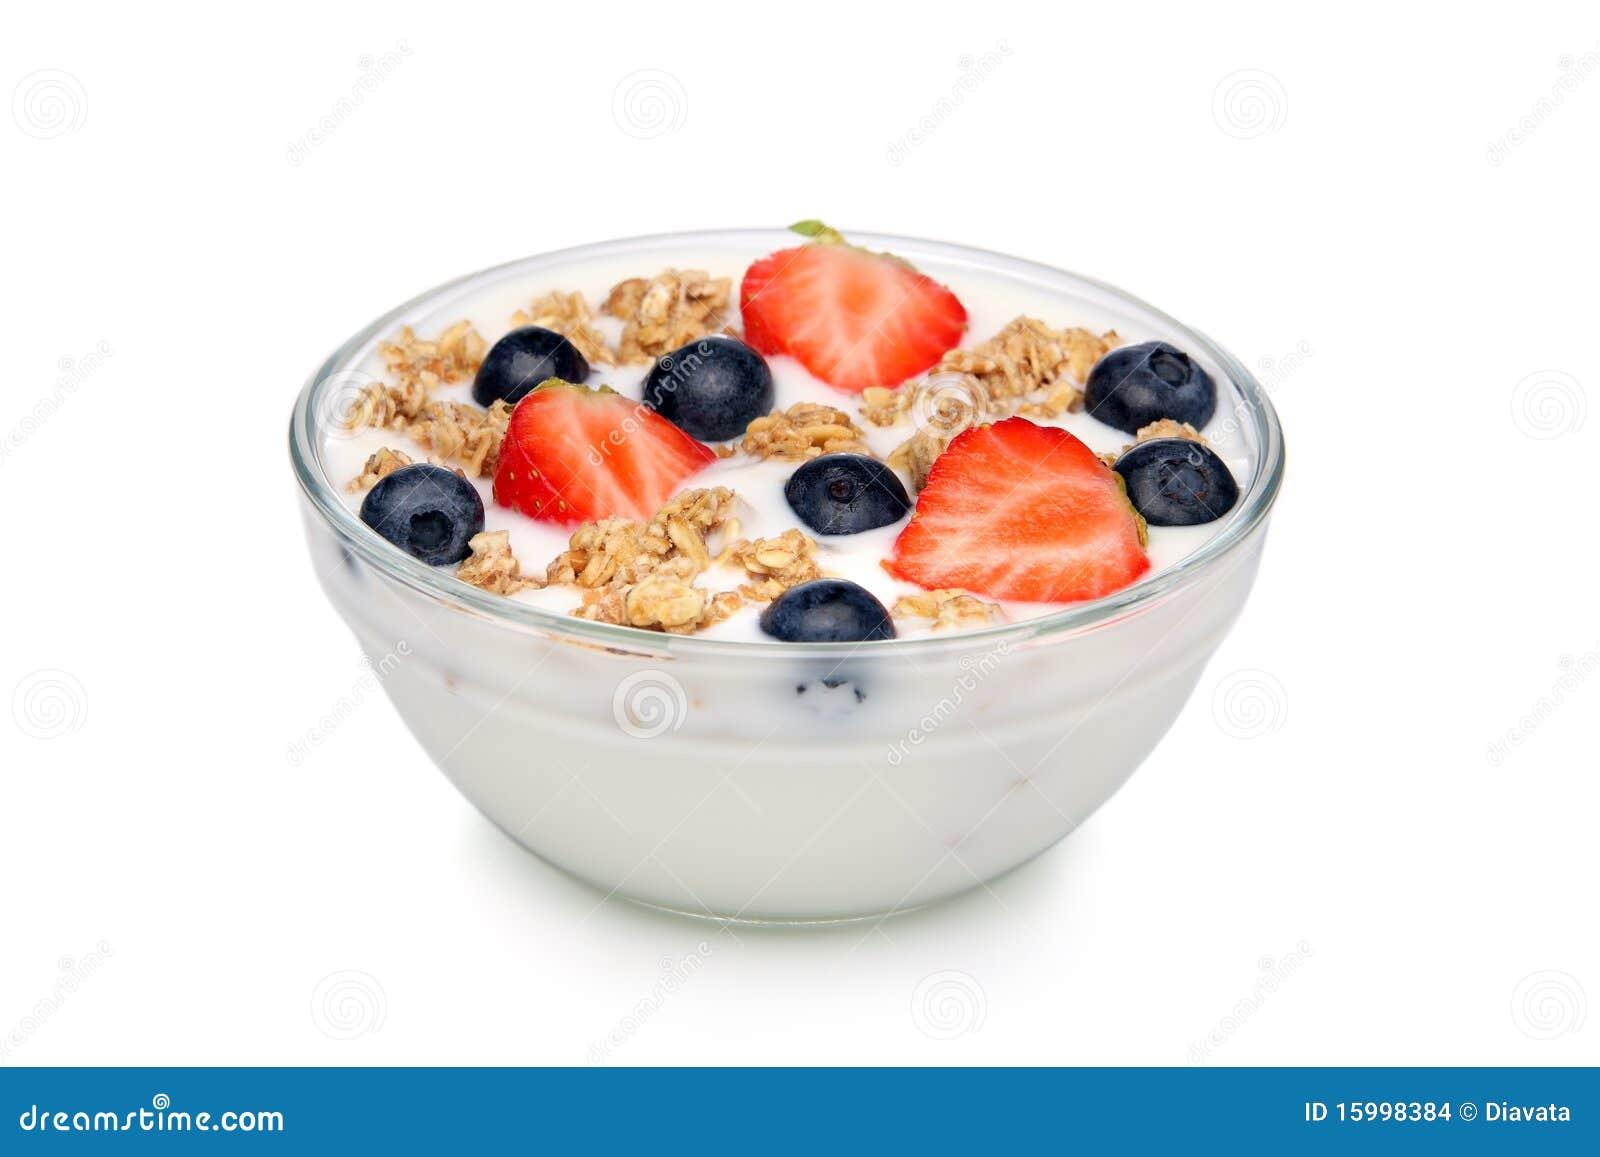 sch ssel joghurt mit muesli und frucht stockbilder bild 15998384. Black Bedroom Furniture Sets. Home Design Ideas